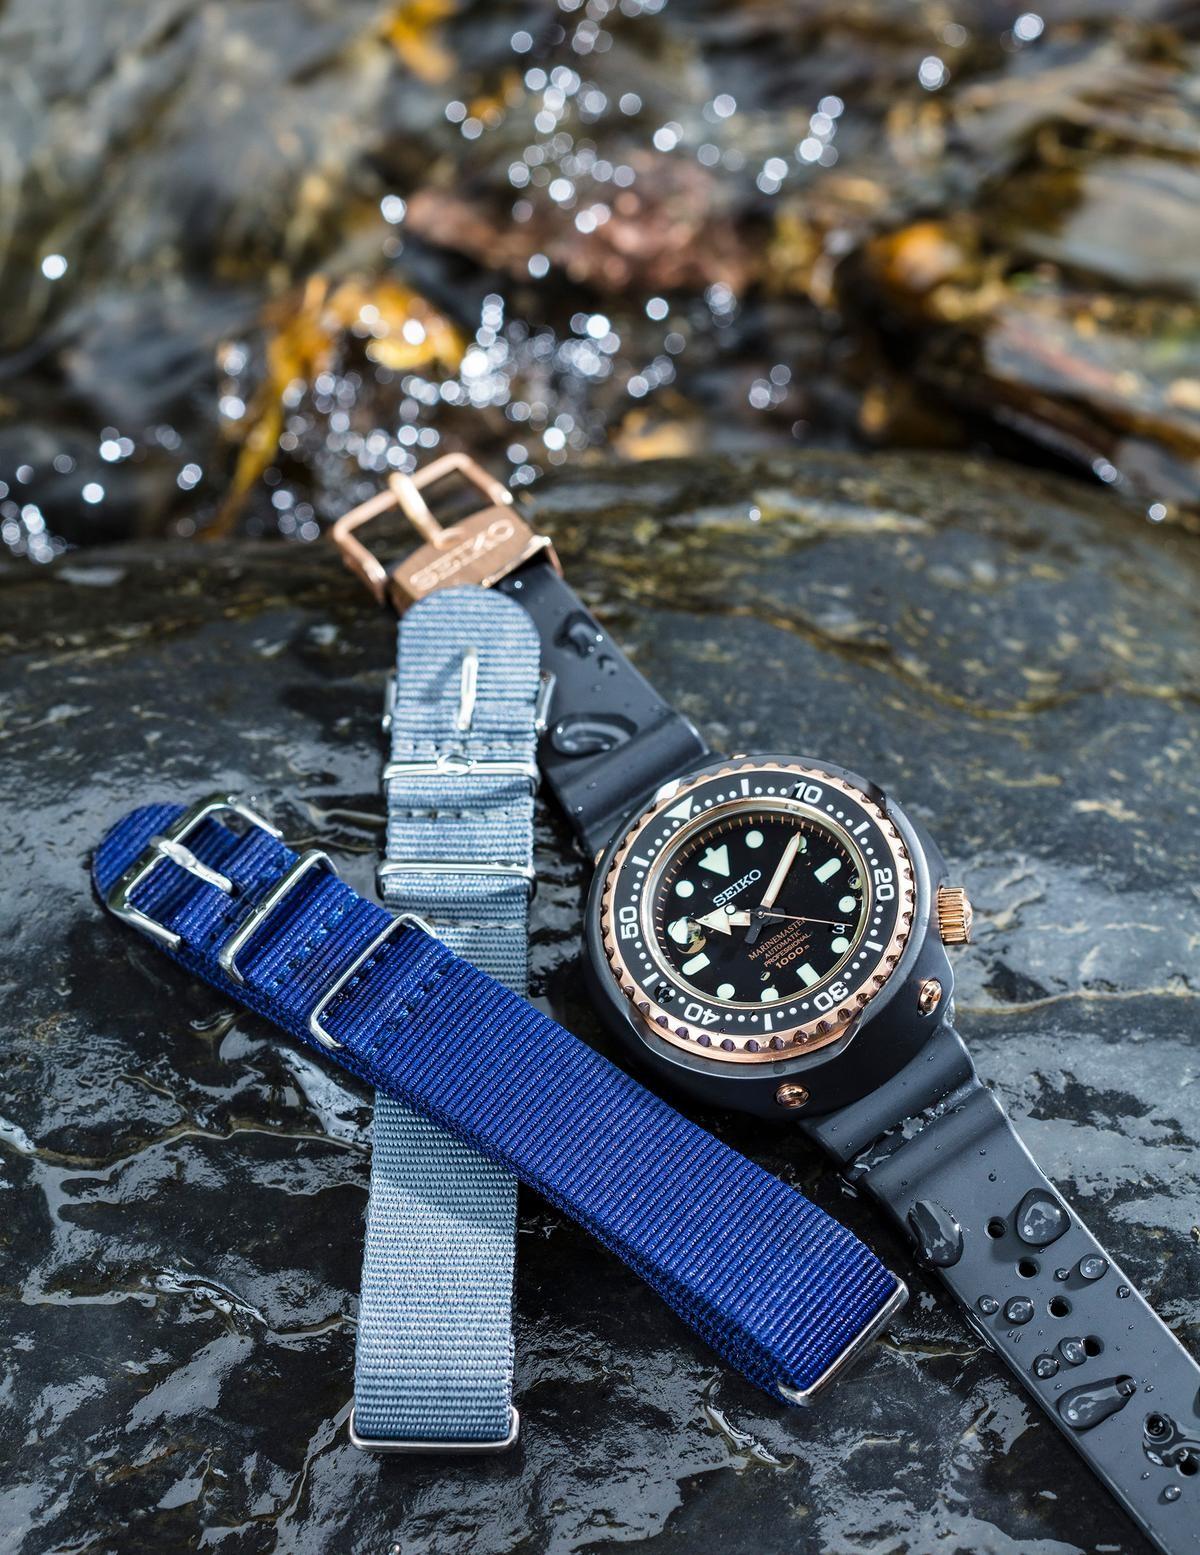 雖然大家習慣性會認為NATO錶帶適合夏天,不過嚴格來說在NATO錶帶容易吸汗,好處是容易清洗跟替換。